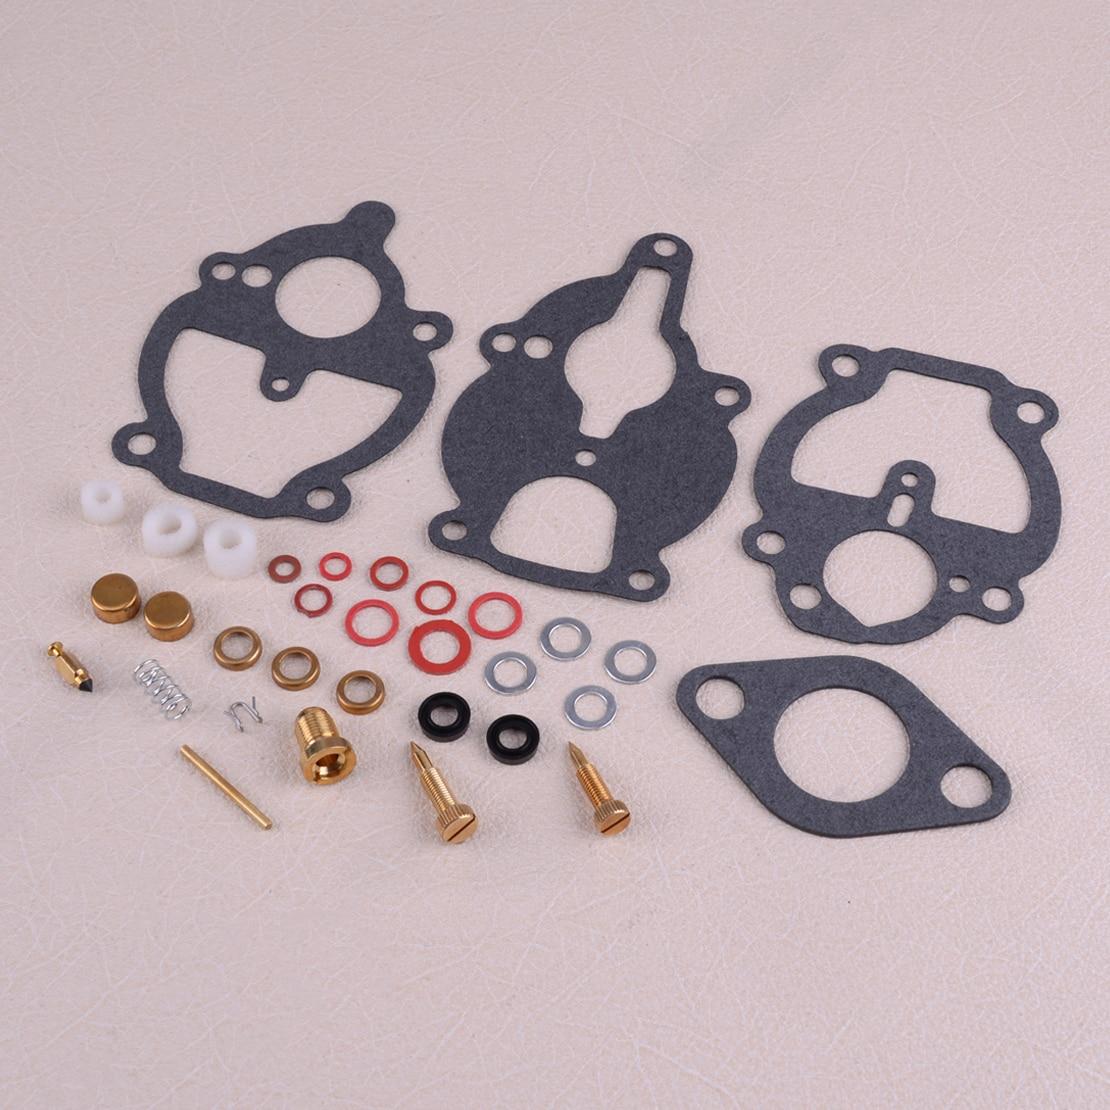 + Zenith 1 BARREL Carburetor Repair Kit Towmotor ONAN Allis Clark Palmer Deere